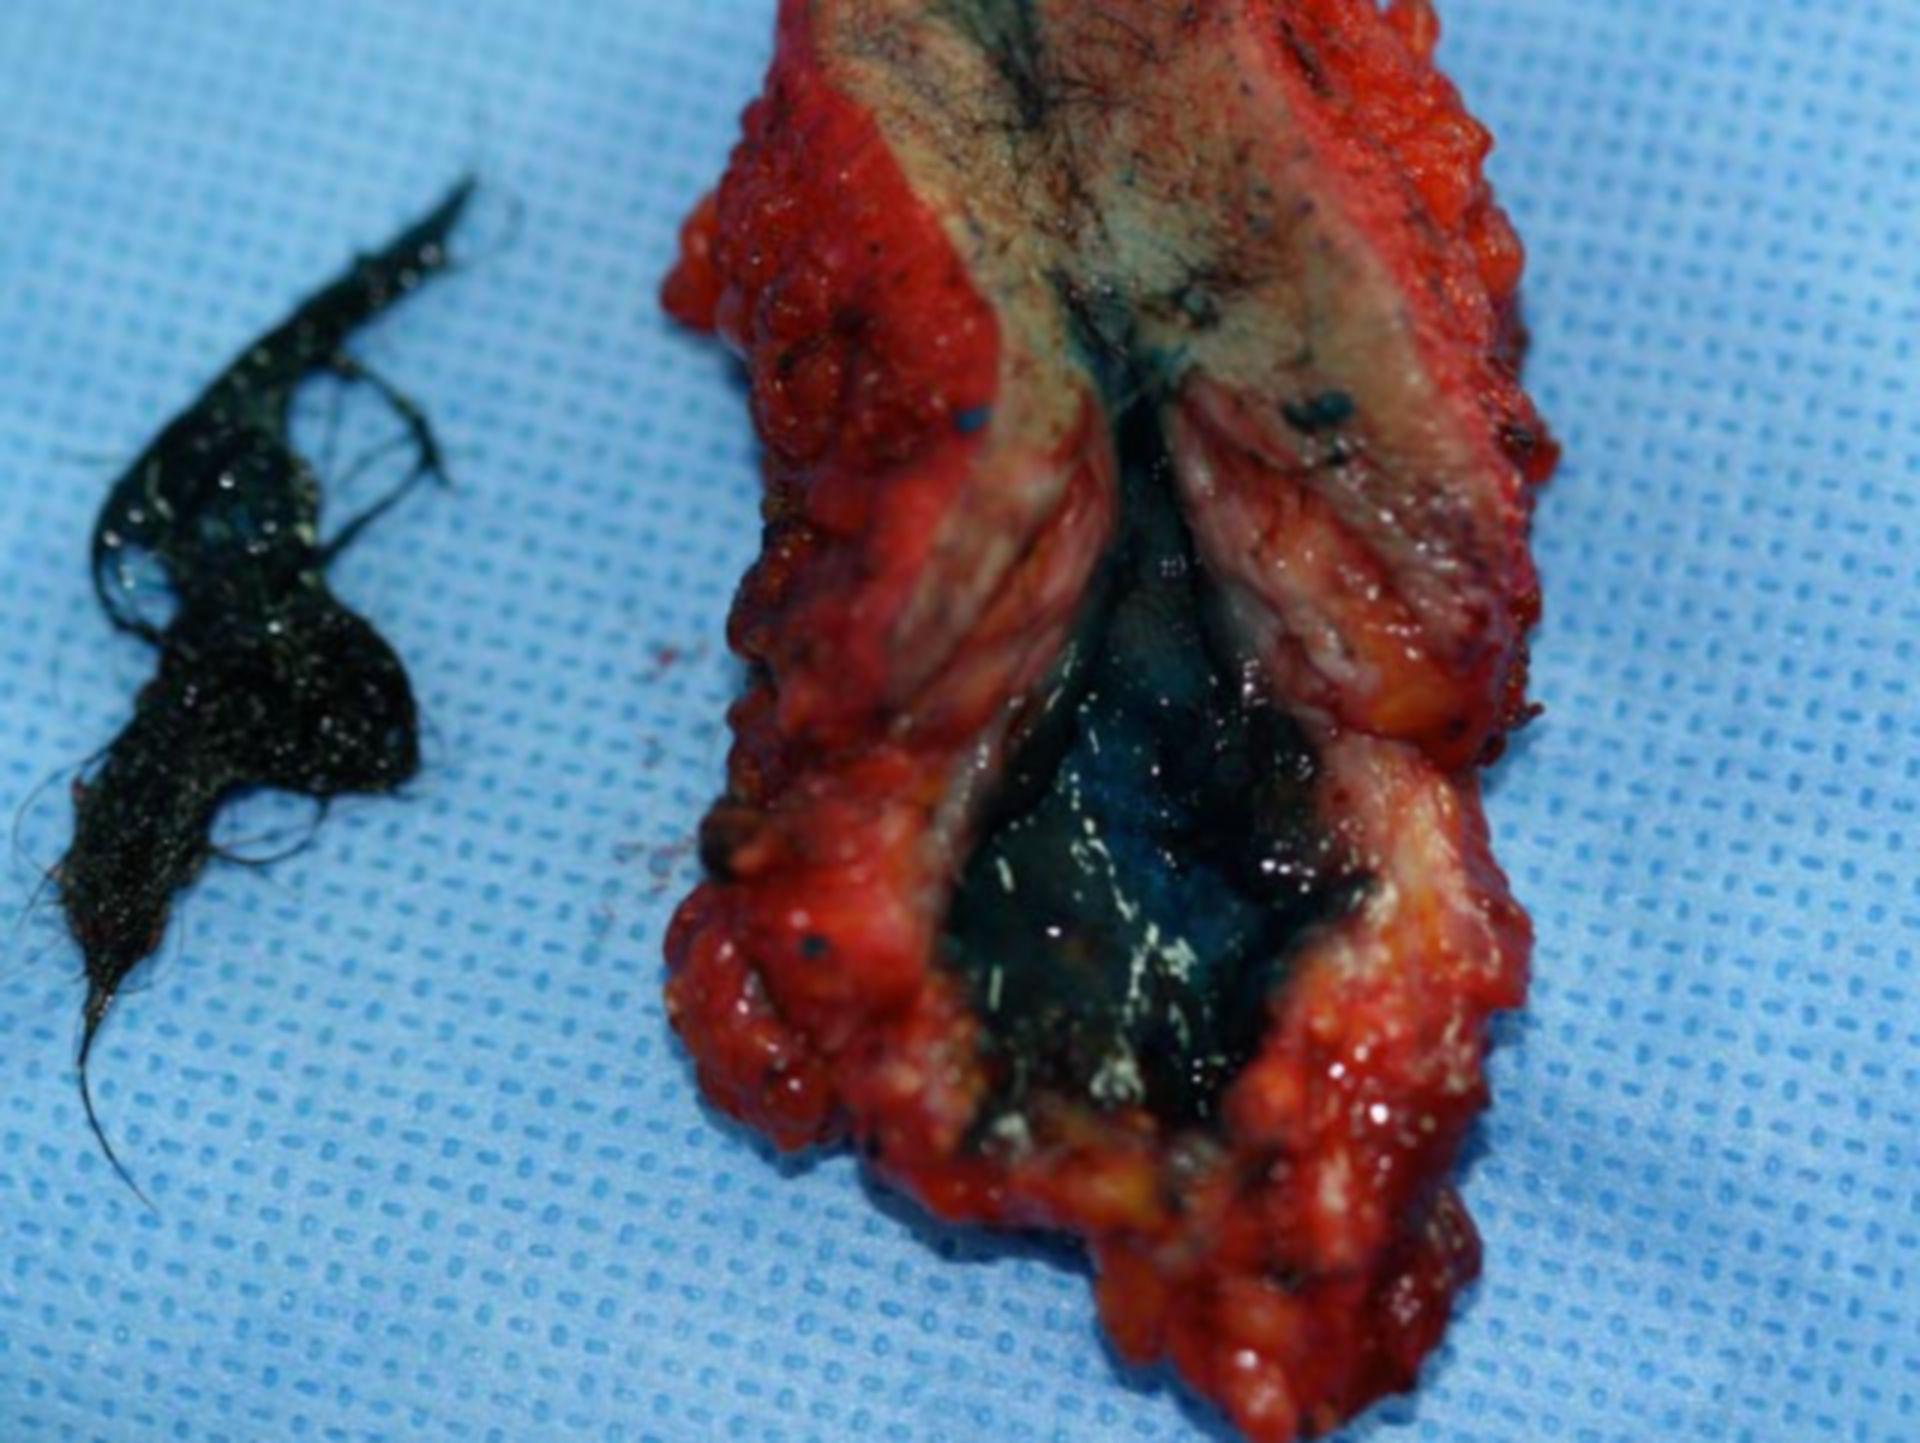 Preparación de una excisión después de una fístula del coxis